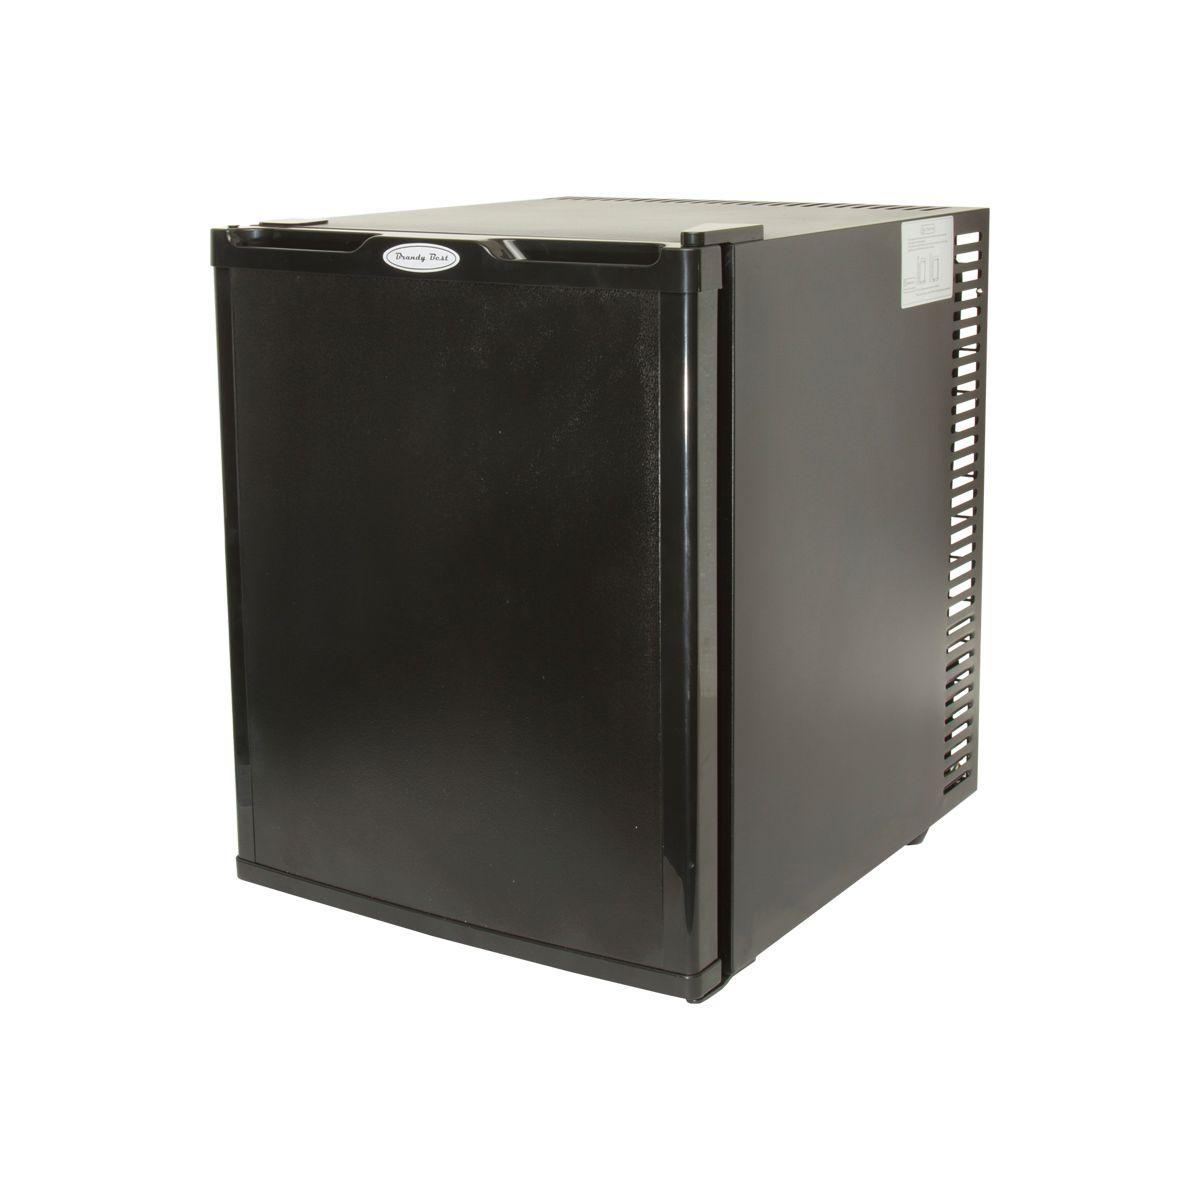 Mini réfrigérateur BRANDY BEST SILENT350B